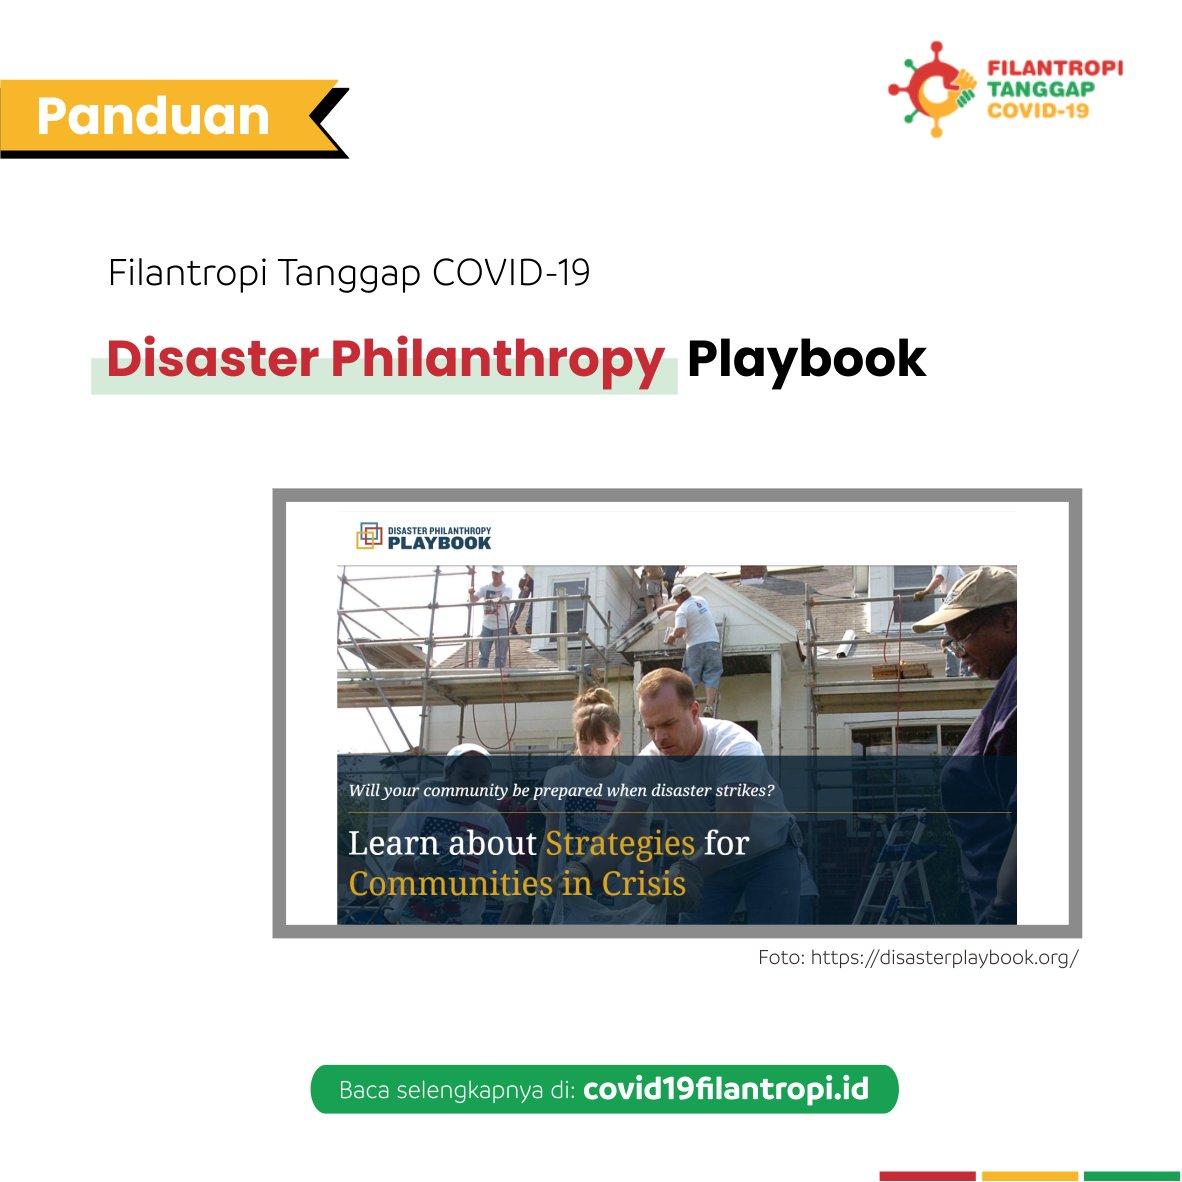 Disaster Philanthropy Playbook ini secara khusus ditujukan untuk lembaga filantropi dan donatur individu agar lebih strategis dalam investasi mereka dan menyadari pentingnya mendukung pemulihan jangka panjang untuk kelompok rentan.   #communities #philanthropy https://t.co/Ojvf5aCqeo